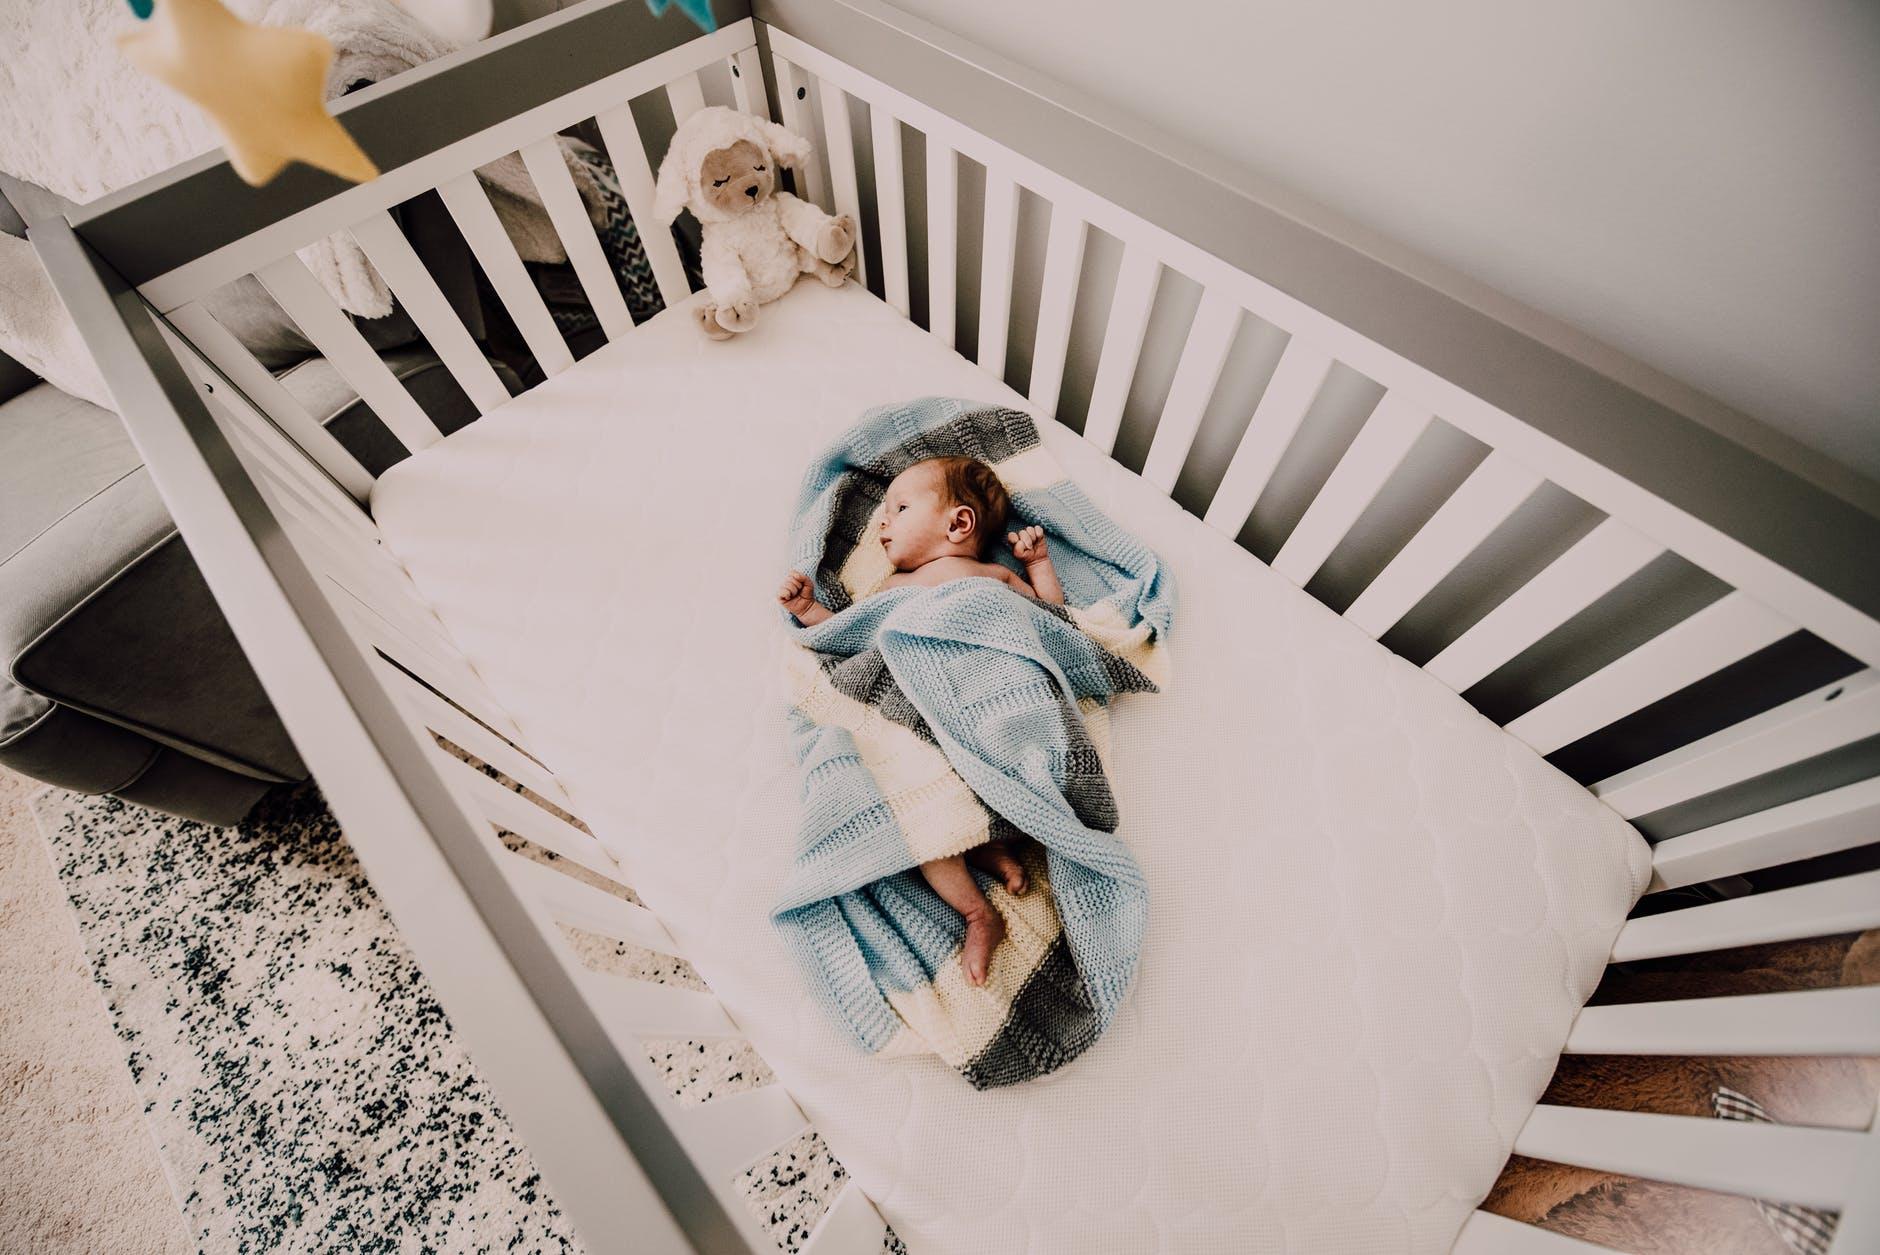 Amenajarea camerei bebelusului: idei la indemana parintilor